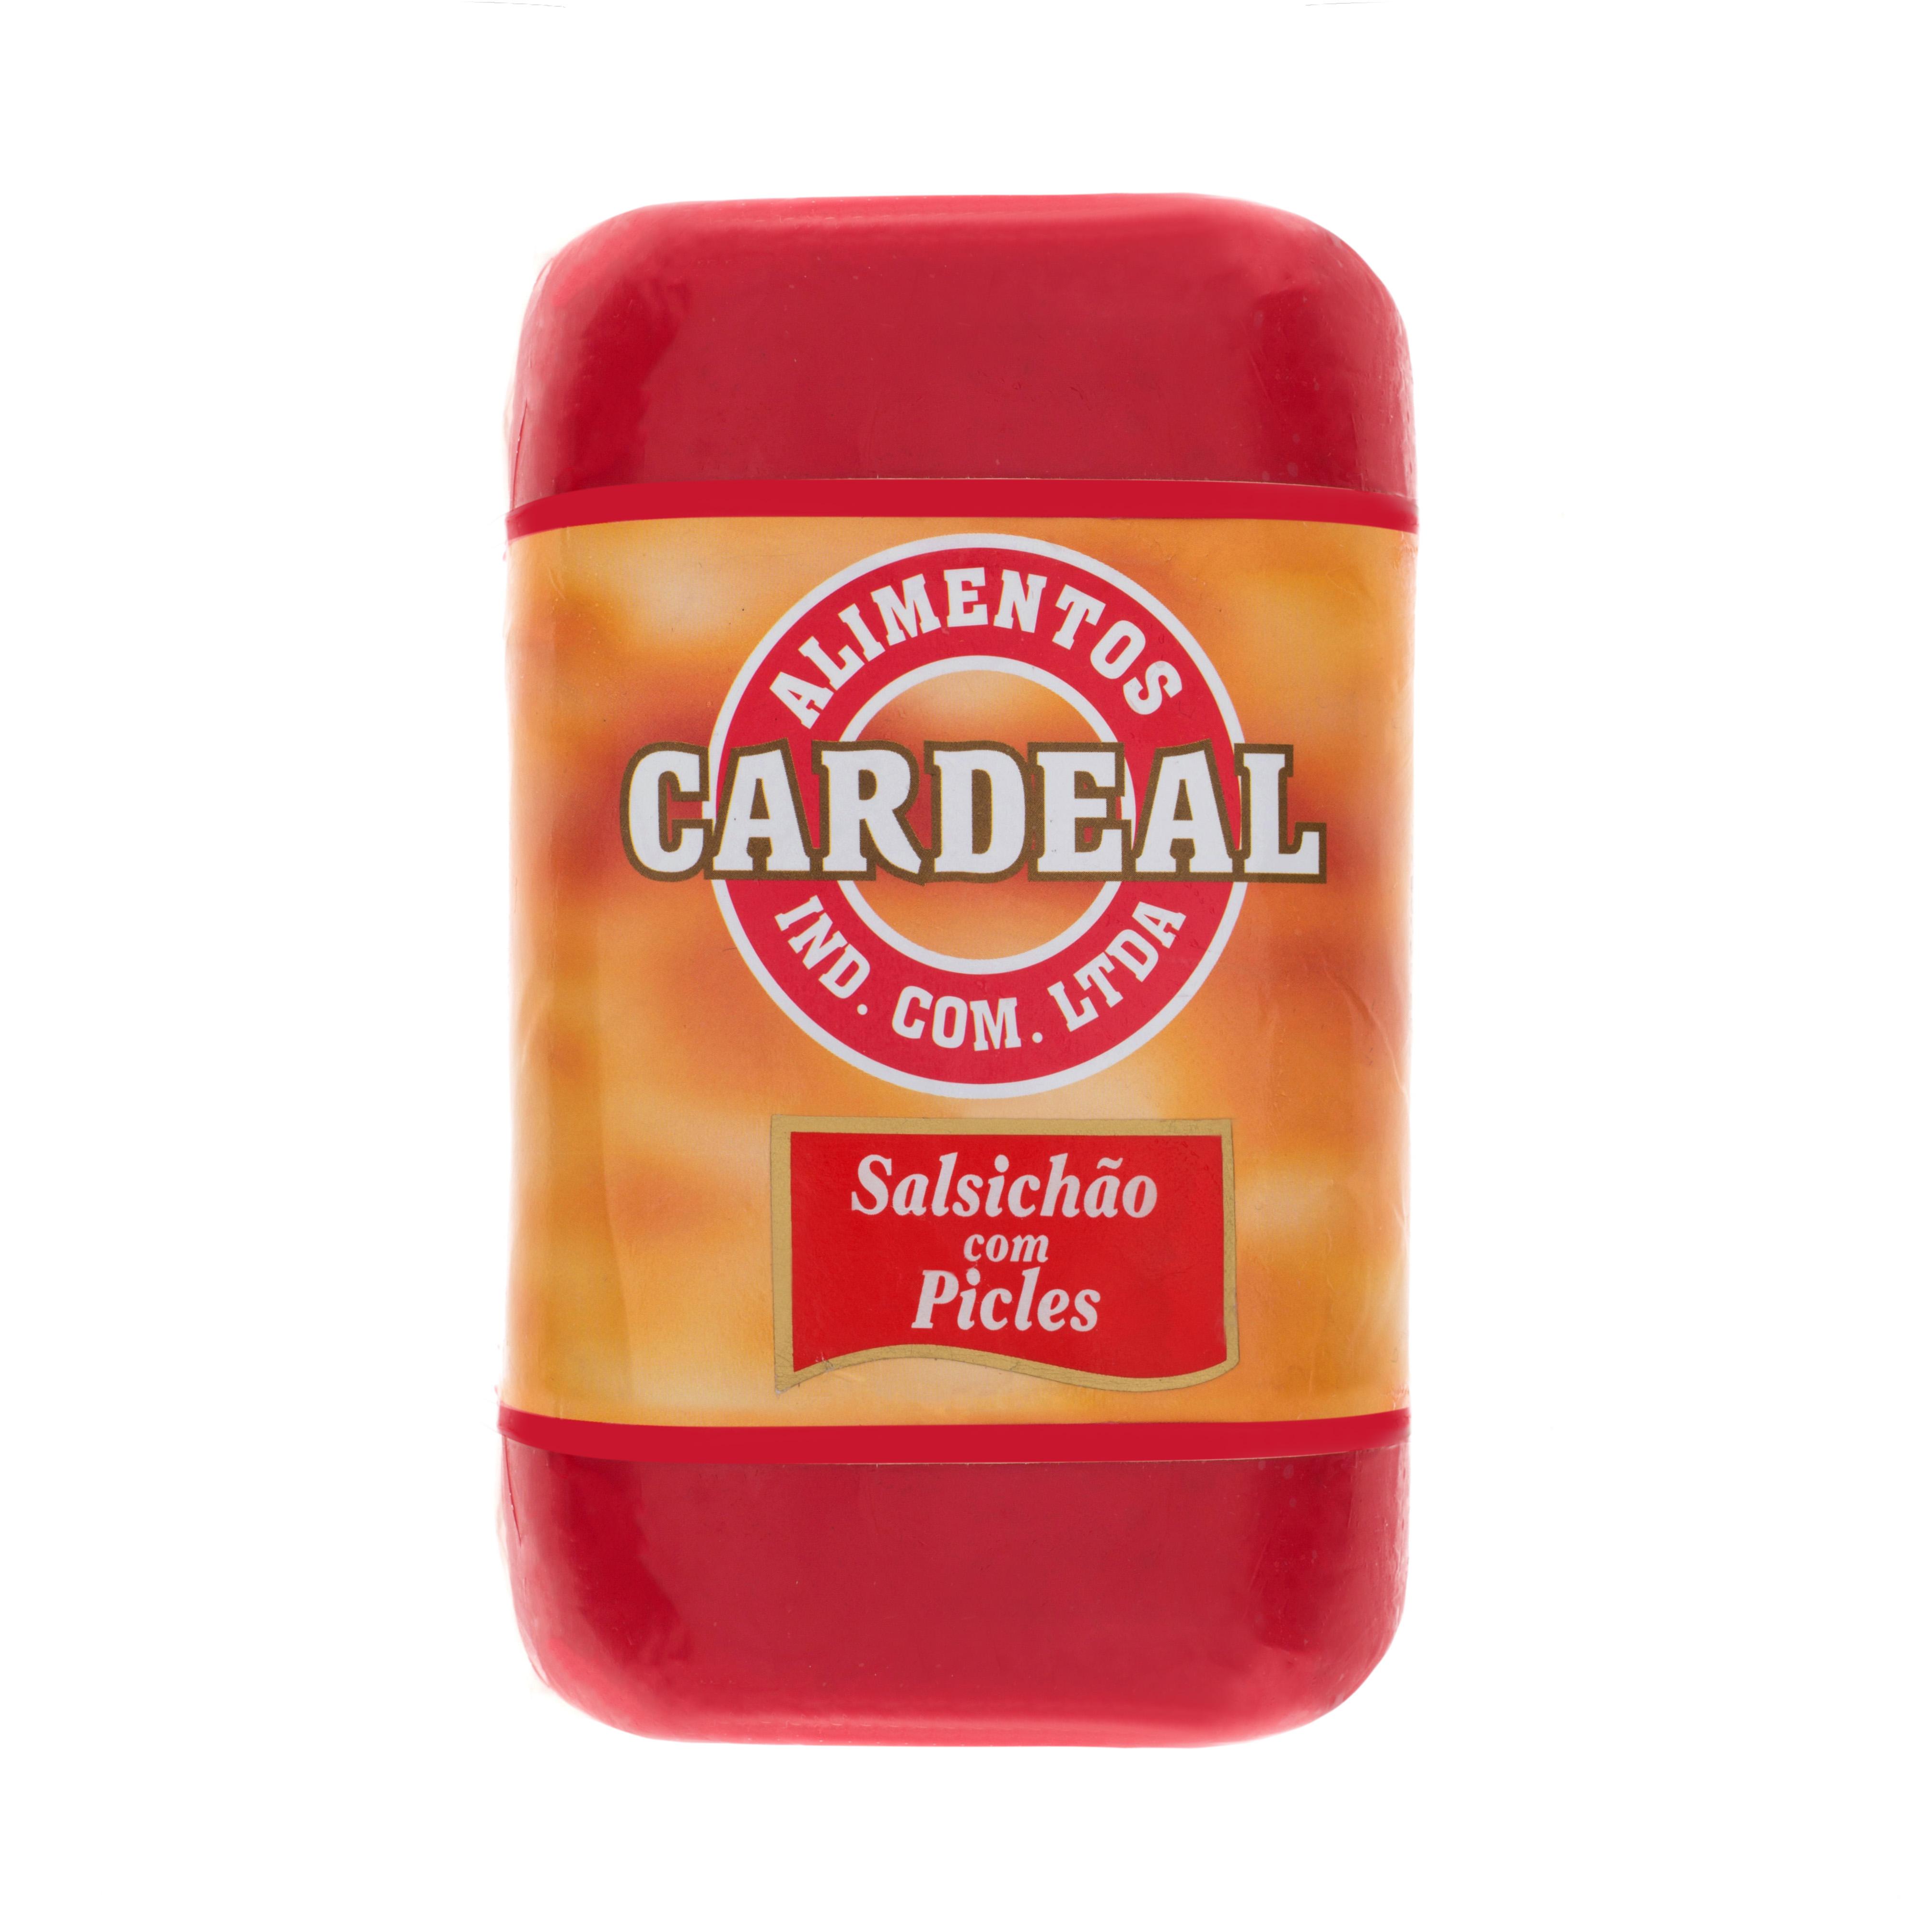 Salsichão com Picles Cardeal